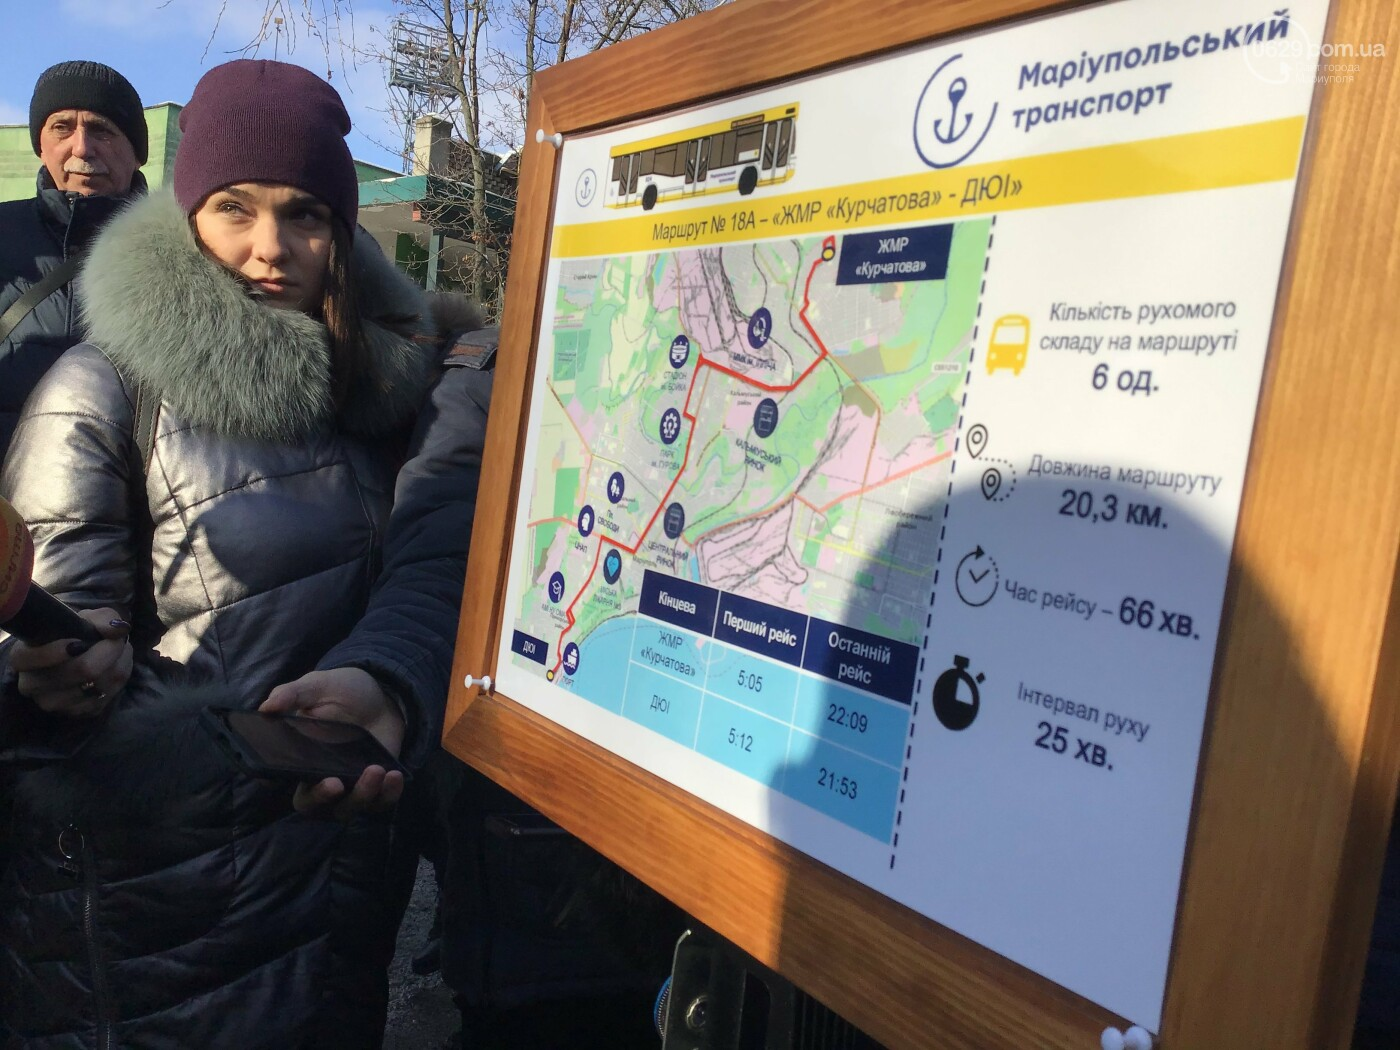 В Мариуполе запустили новый автобусный маршрут, соединивший 3 района, - ФОТО, ВИДЕО, фото-3